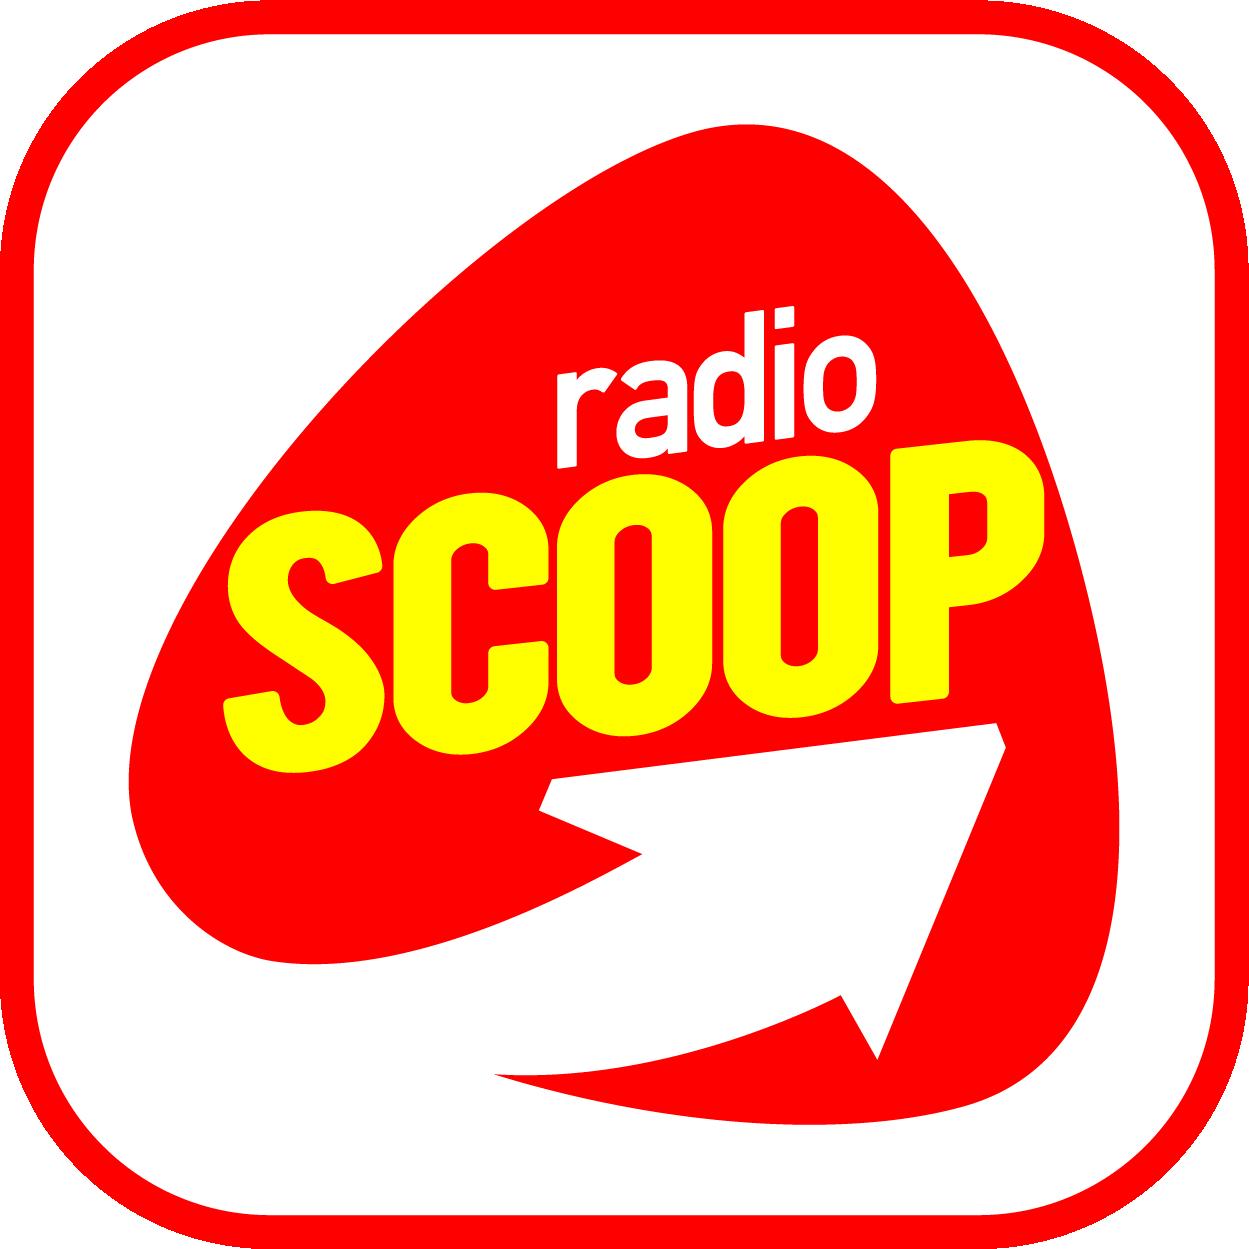 radio_scoop